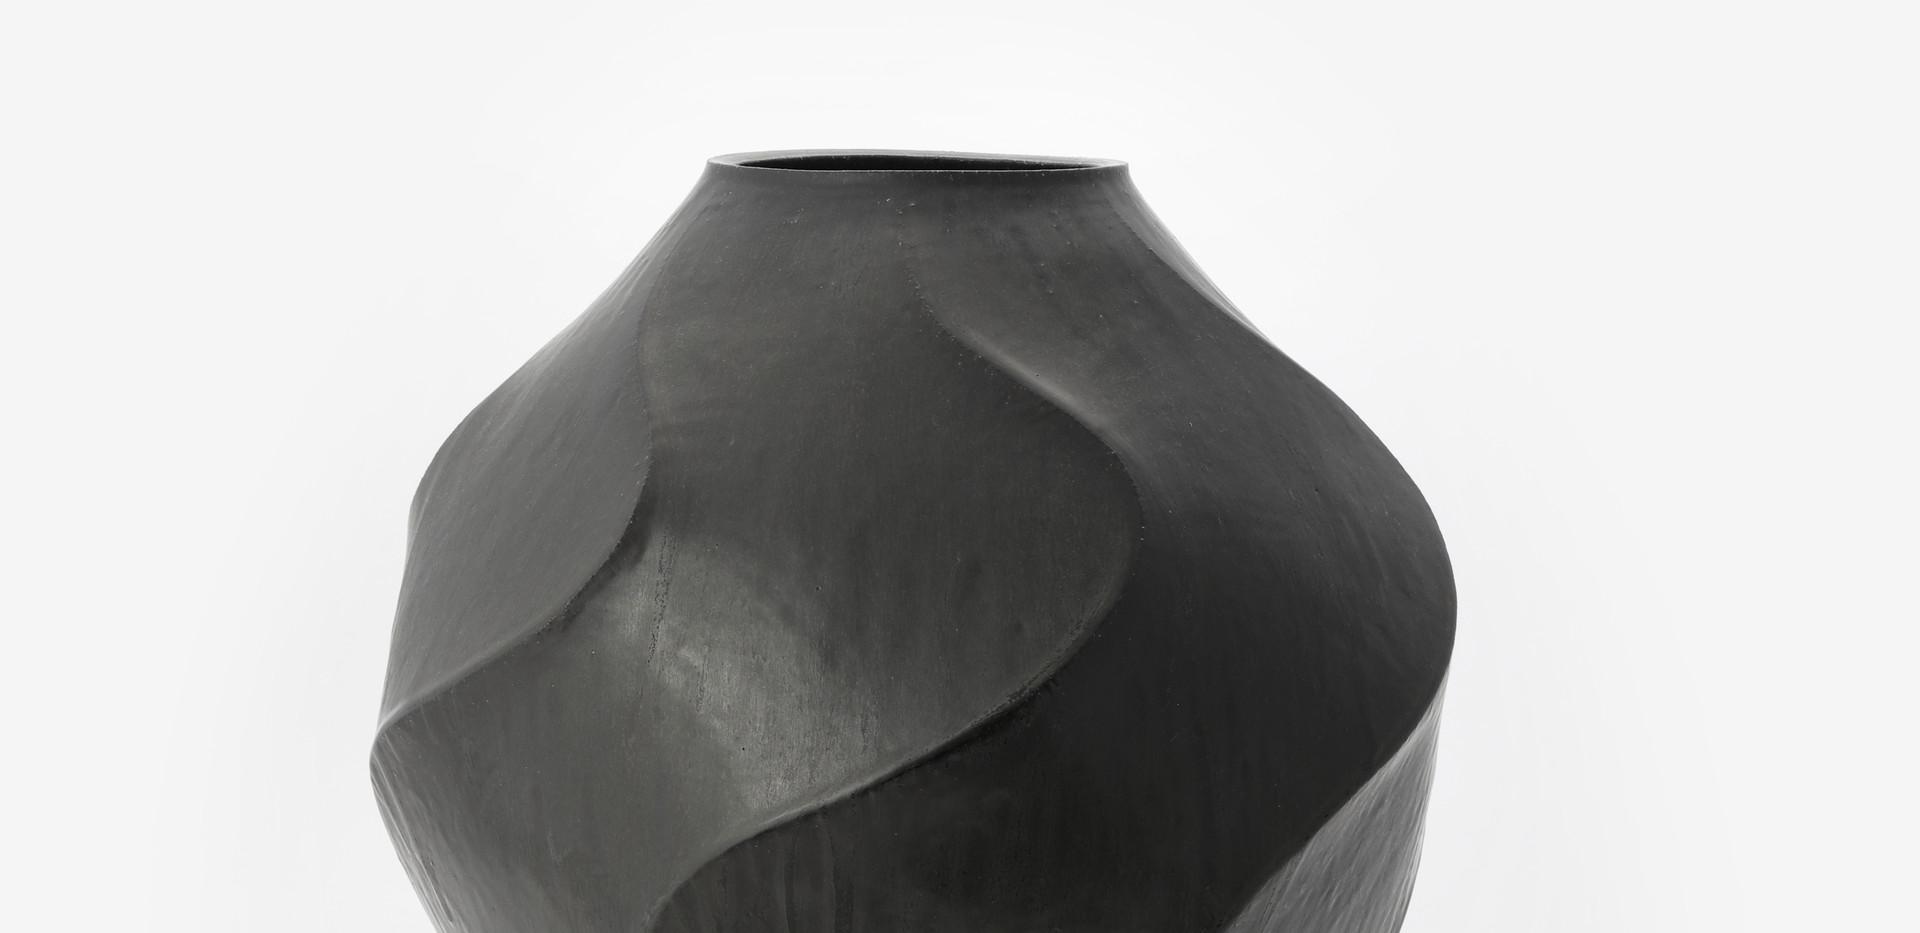 Faceted Vase with Black Glaze, 2020